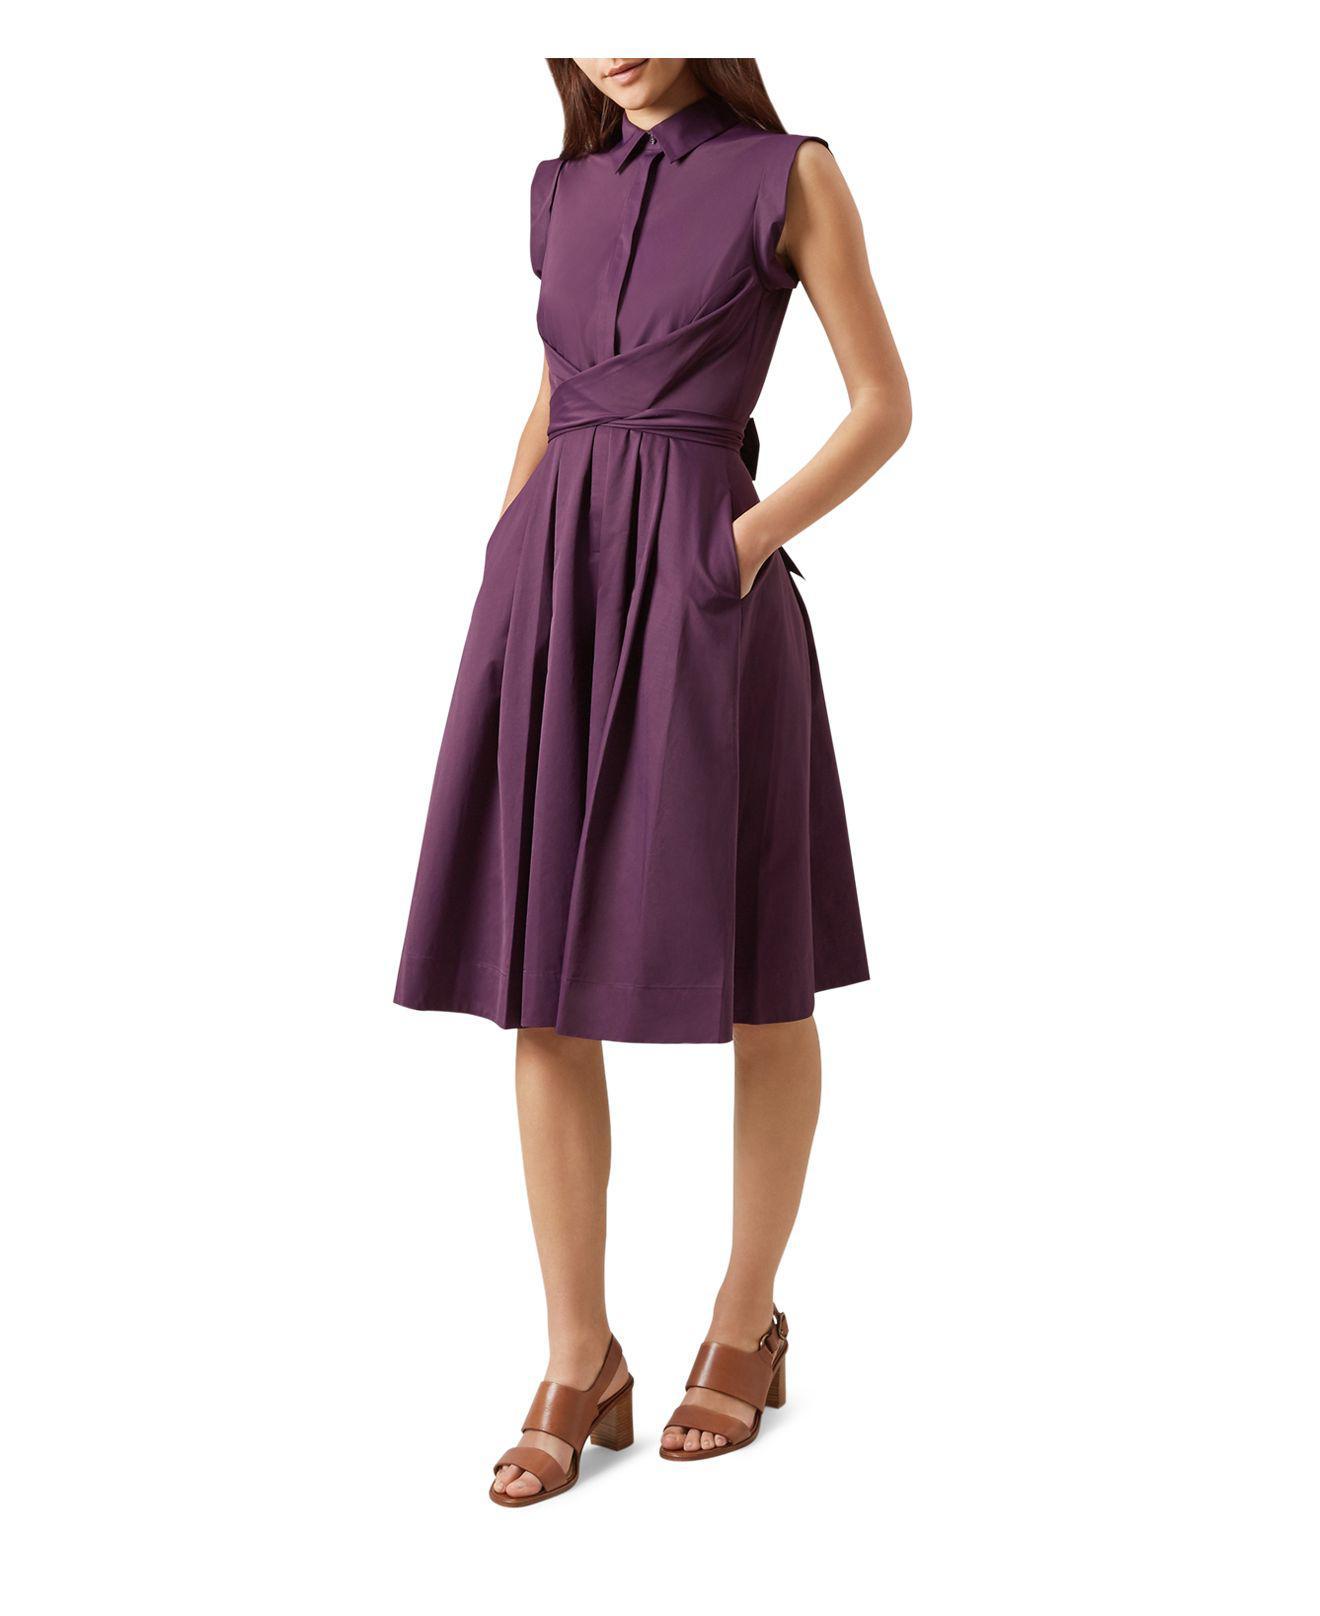 Encantador Vestido De Novia Hobbs Fotos - Ideas de Estilos de ...